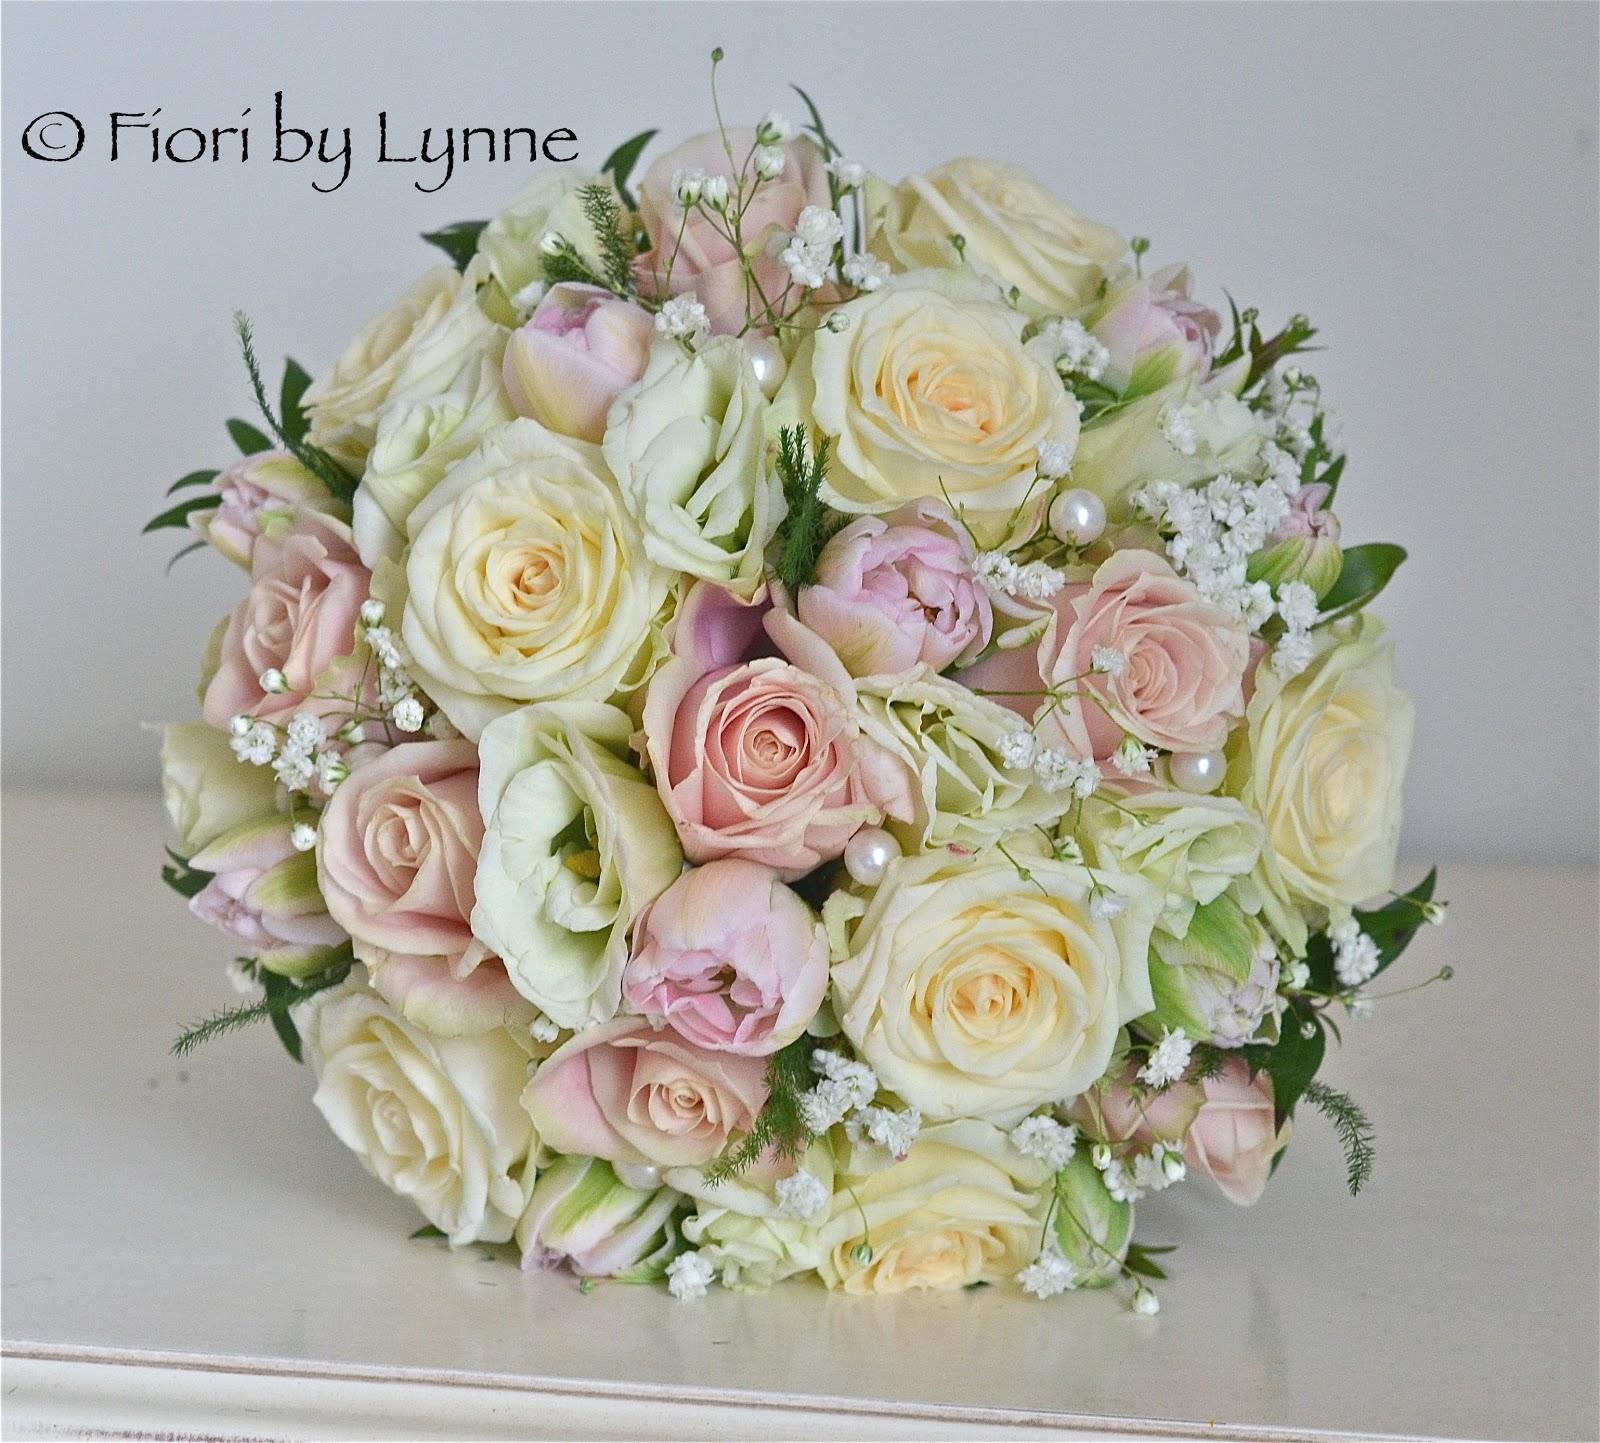 Vintage Wedding Flower Bouquets: Wedding Flowers Blog: Hannah's Vintage Wedding Flowers